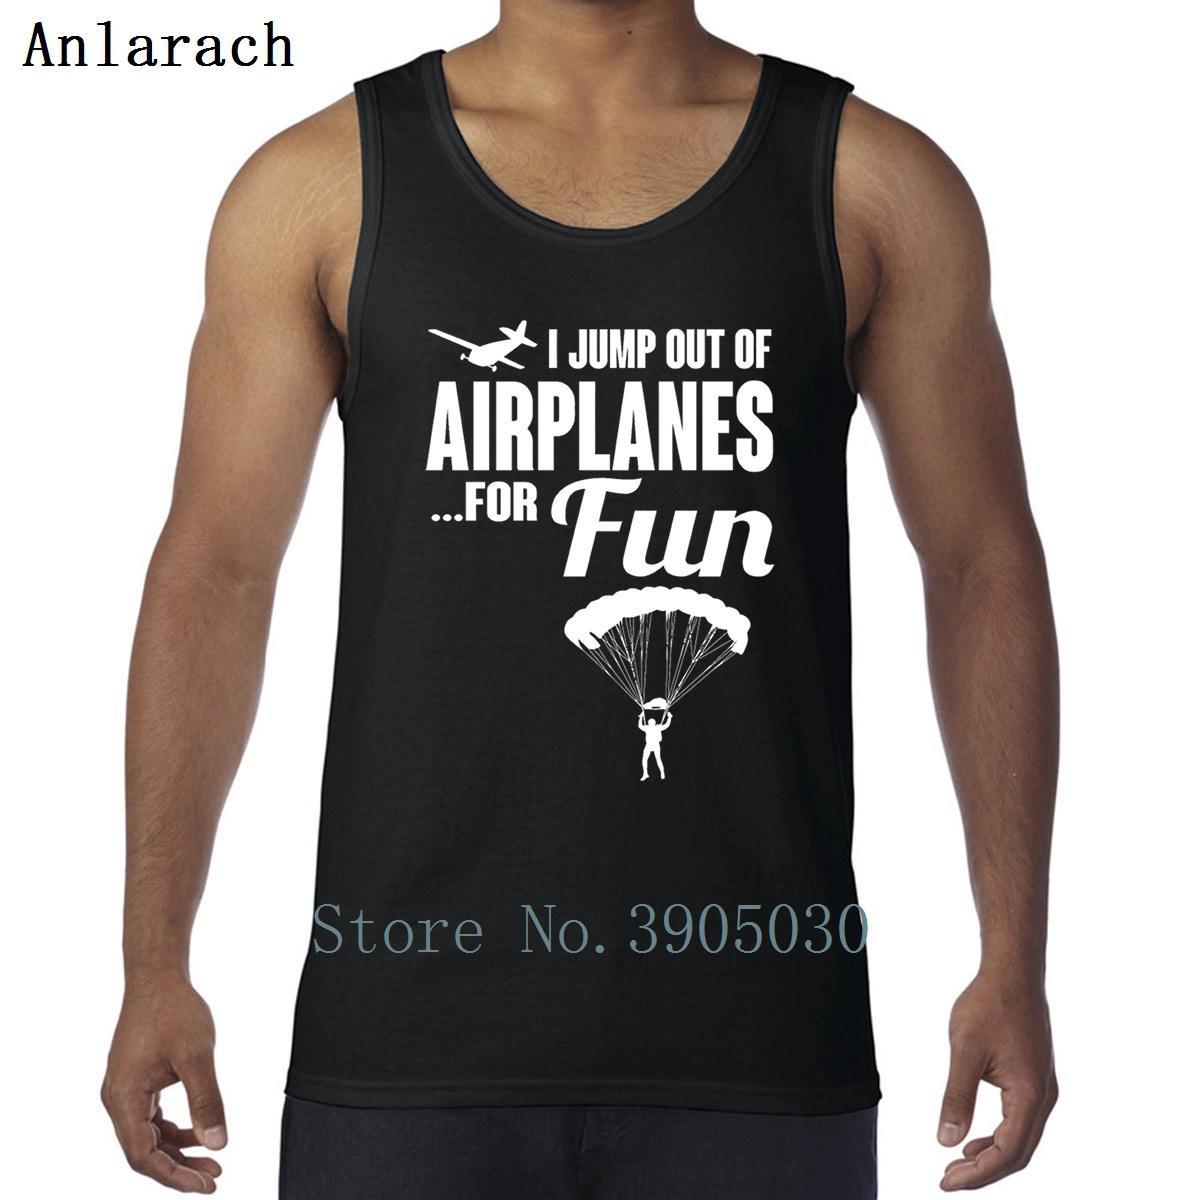 Pára-quedista I saltar de aviões For Fun Vest Hot Sale malha de alta qualidade alças Undershirt Men gola redonda Estilo Verão